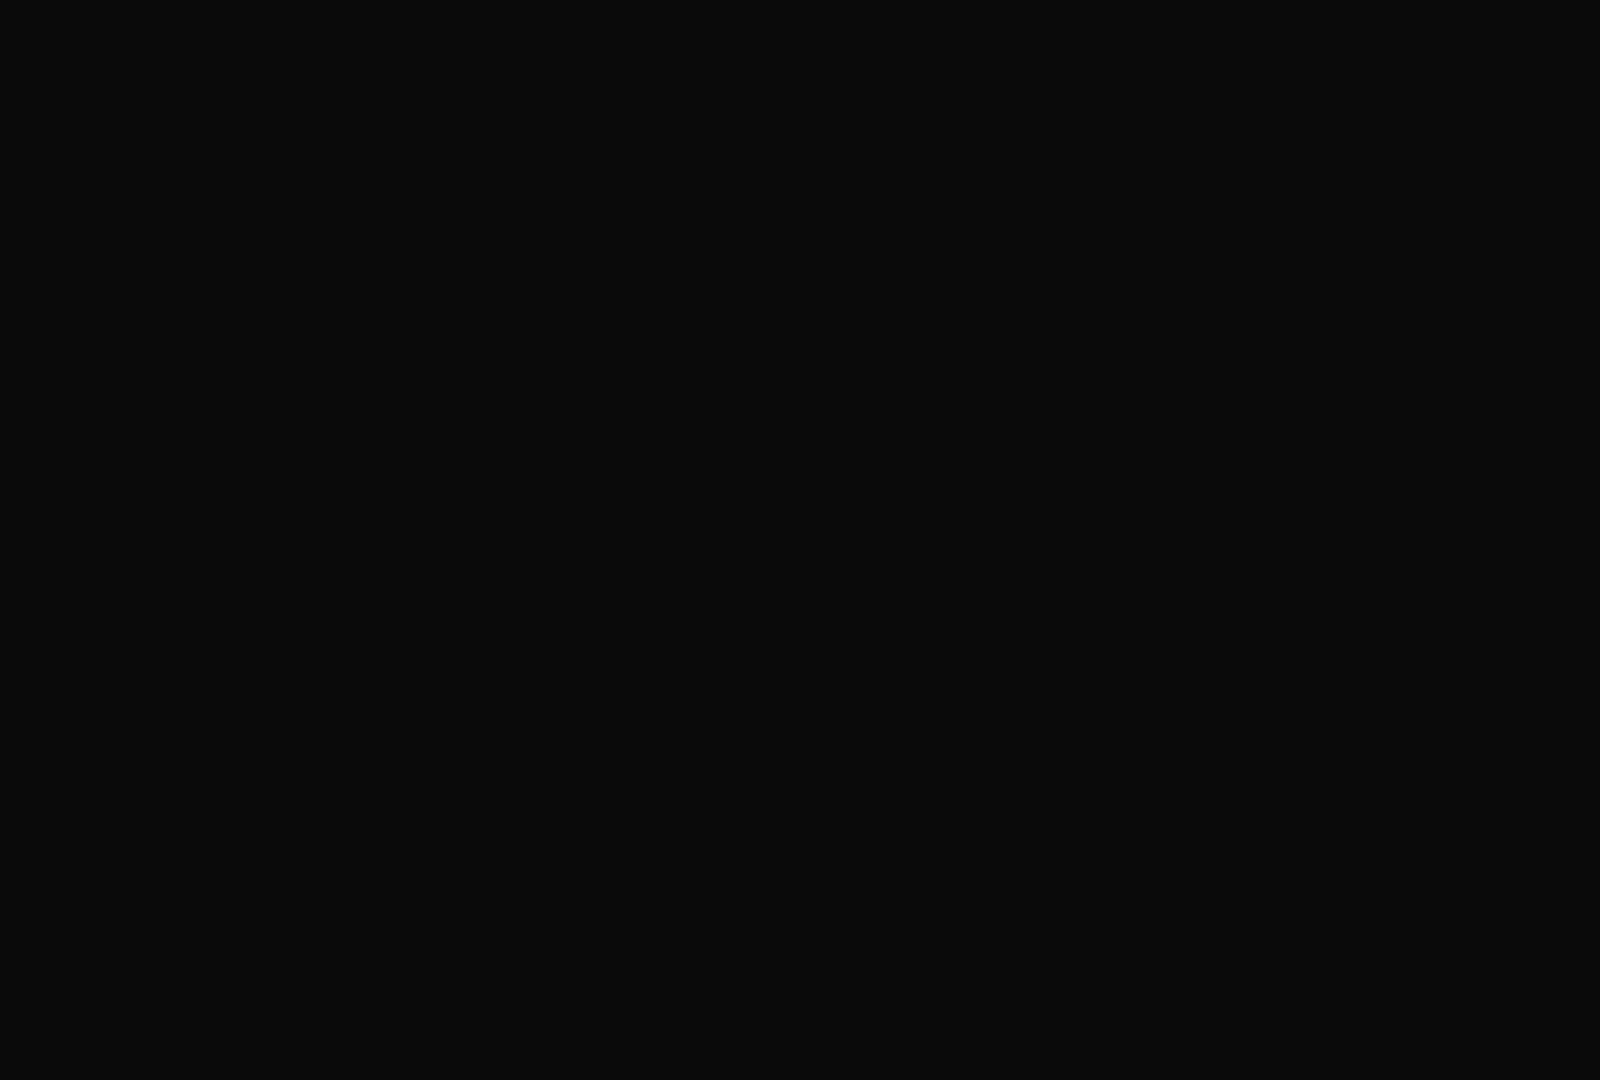 充血監督の深夜の運動会Vol.98 アナル無修正 | 美しいOLの裸体  102pic 51